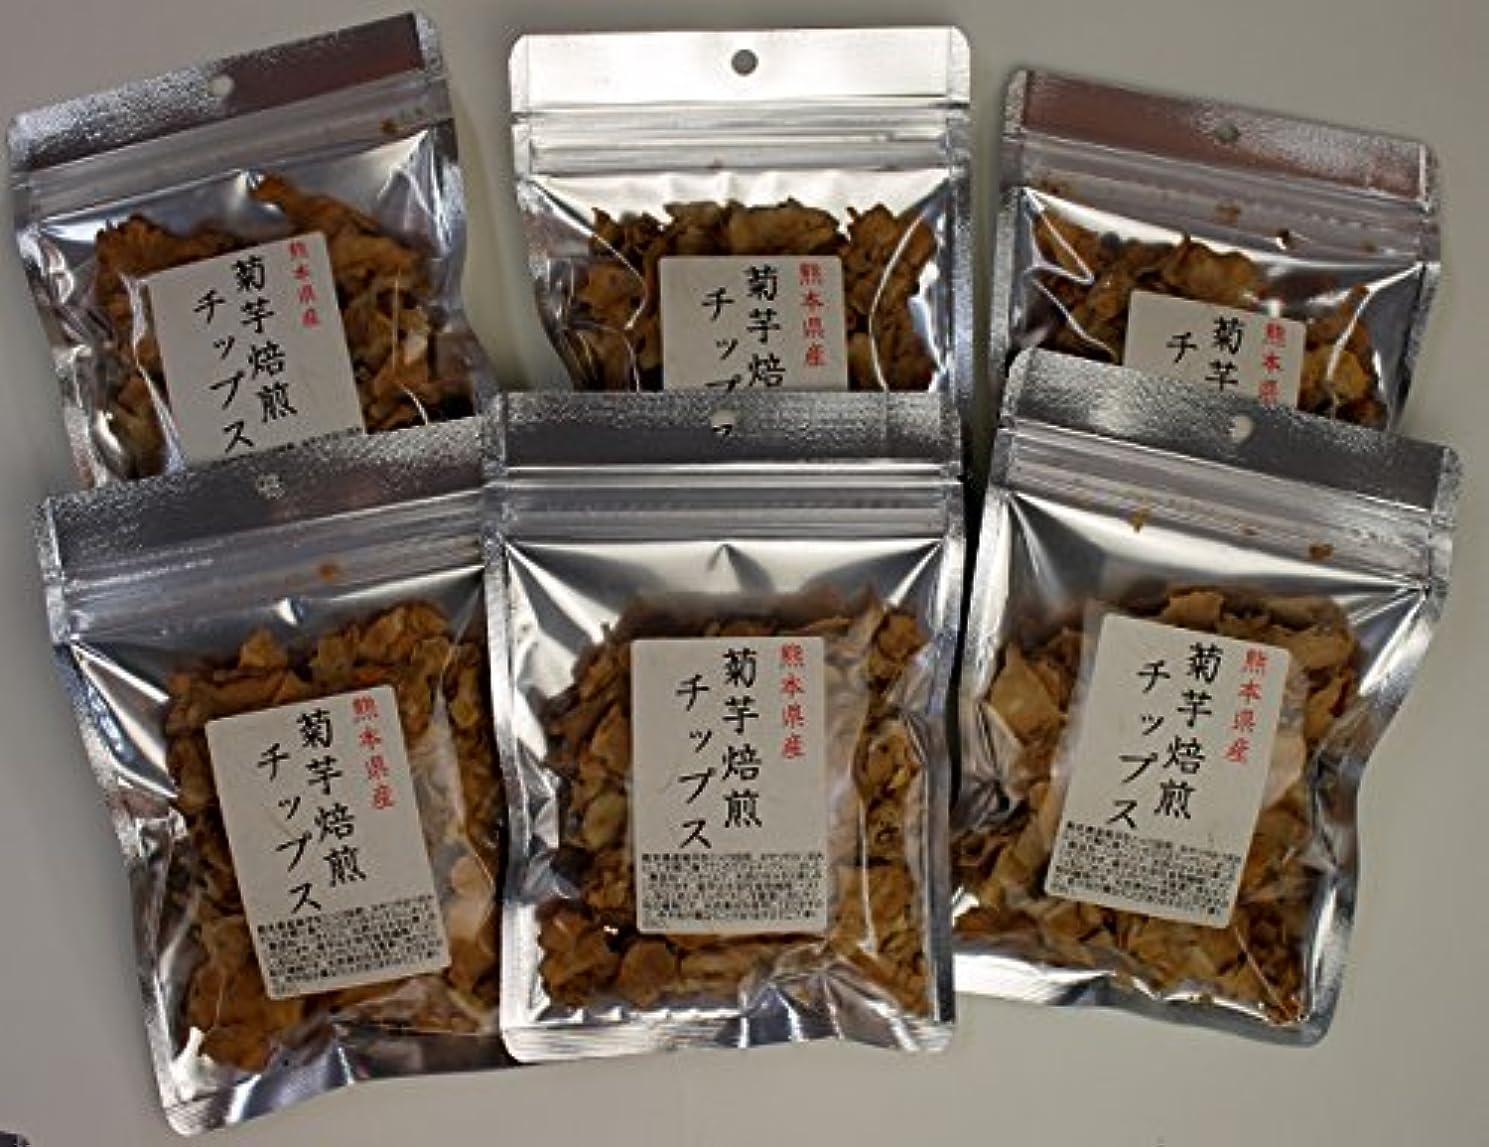 レシピレポートを書くトレース菊芋 国産 チップス 熊本県産 30g (6)